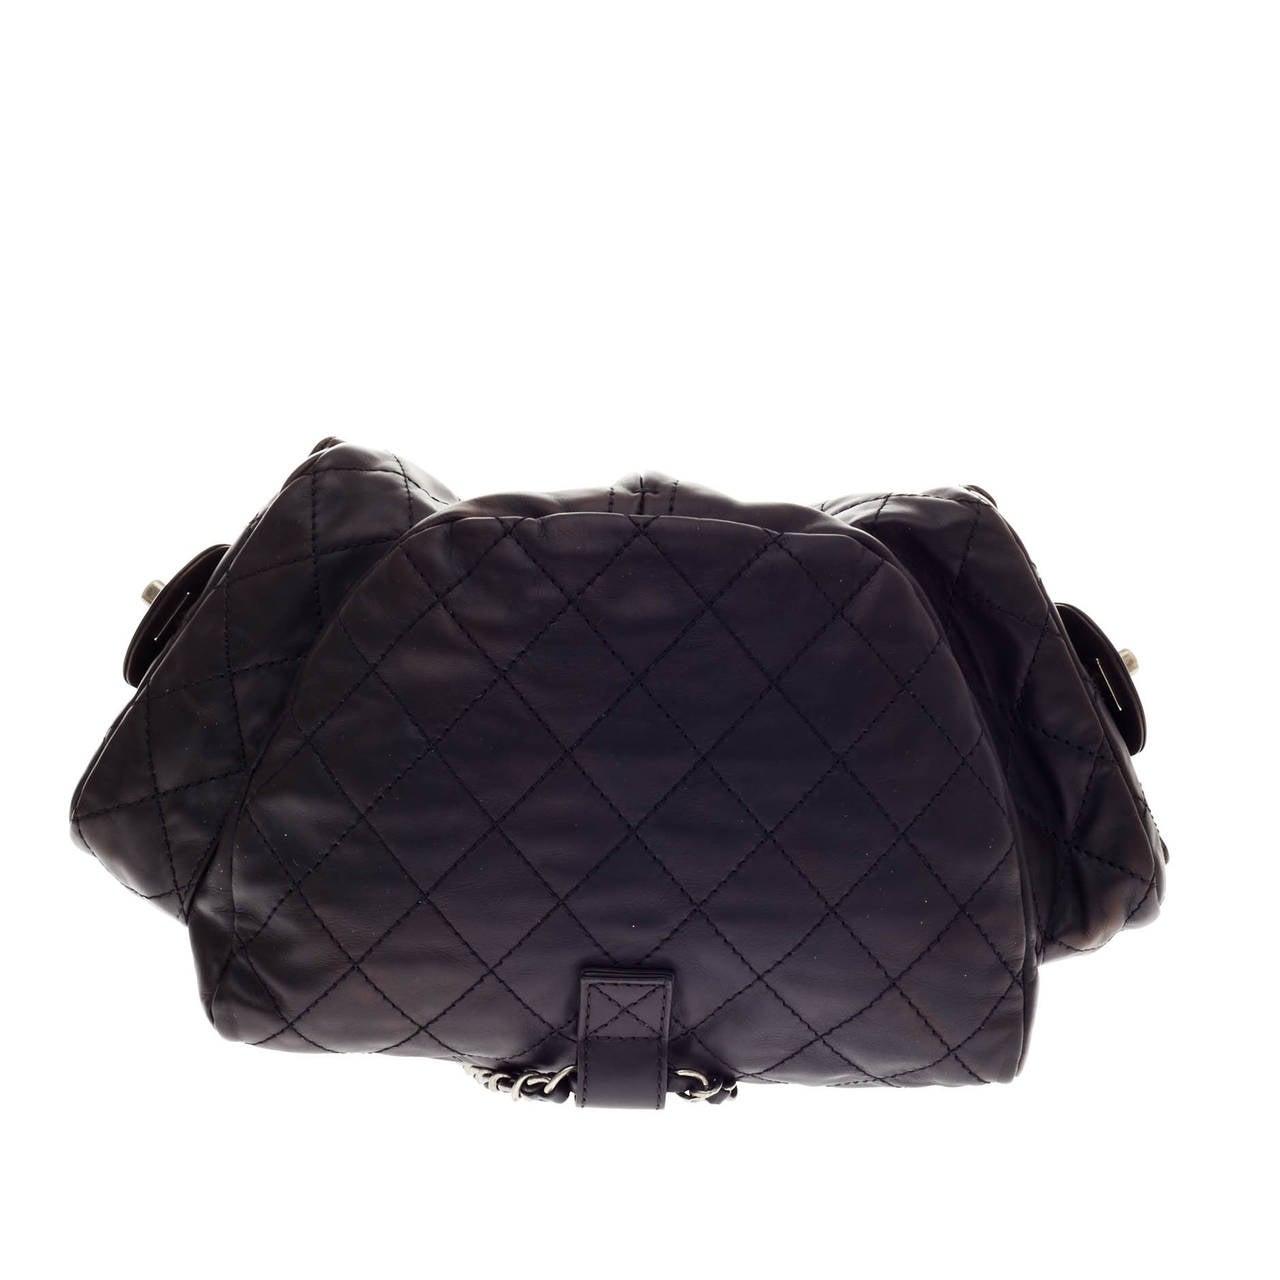 5b4afe842c9d Chanel Backpack Is Back Calfskin at 1stdibs